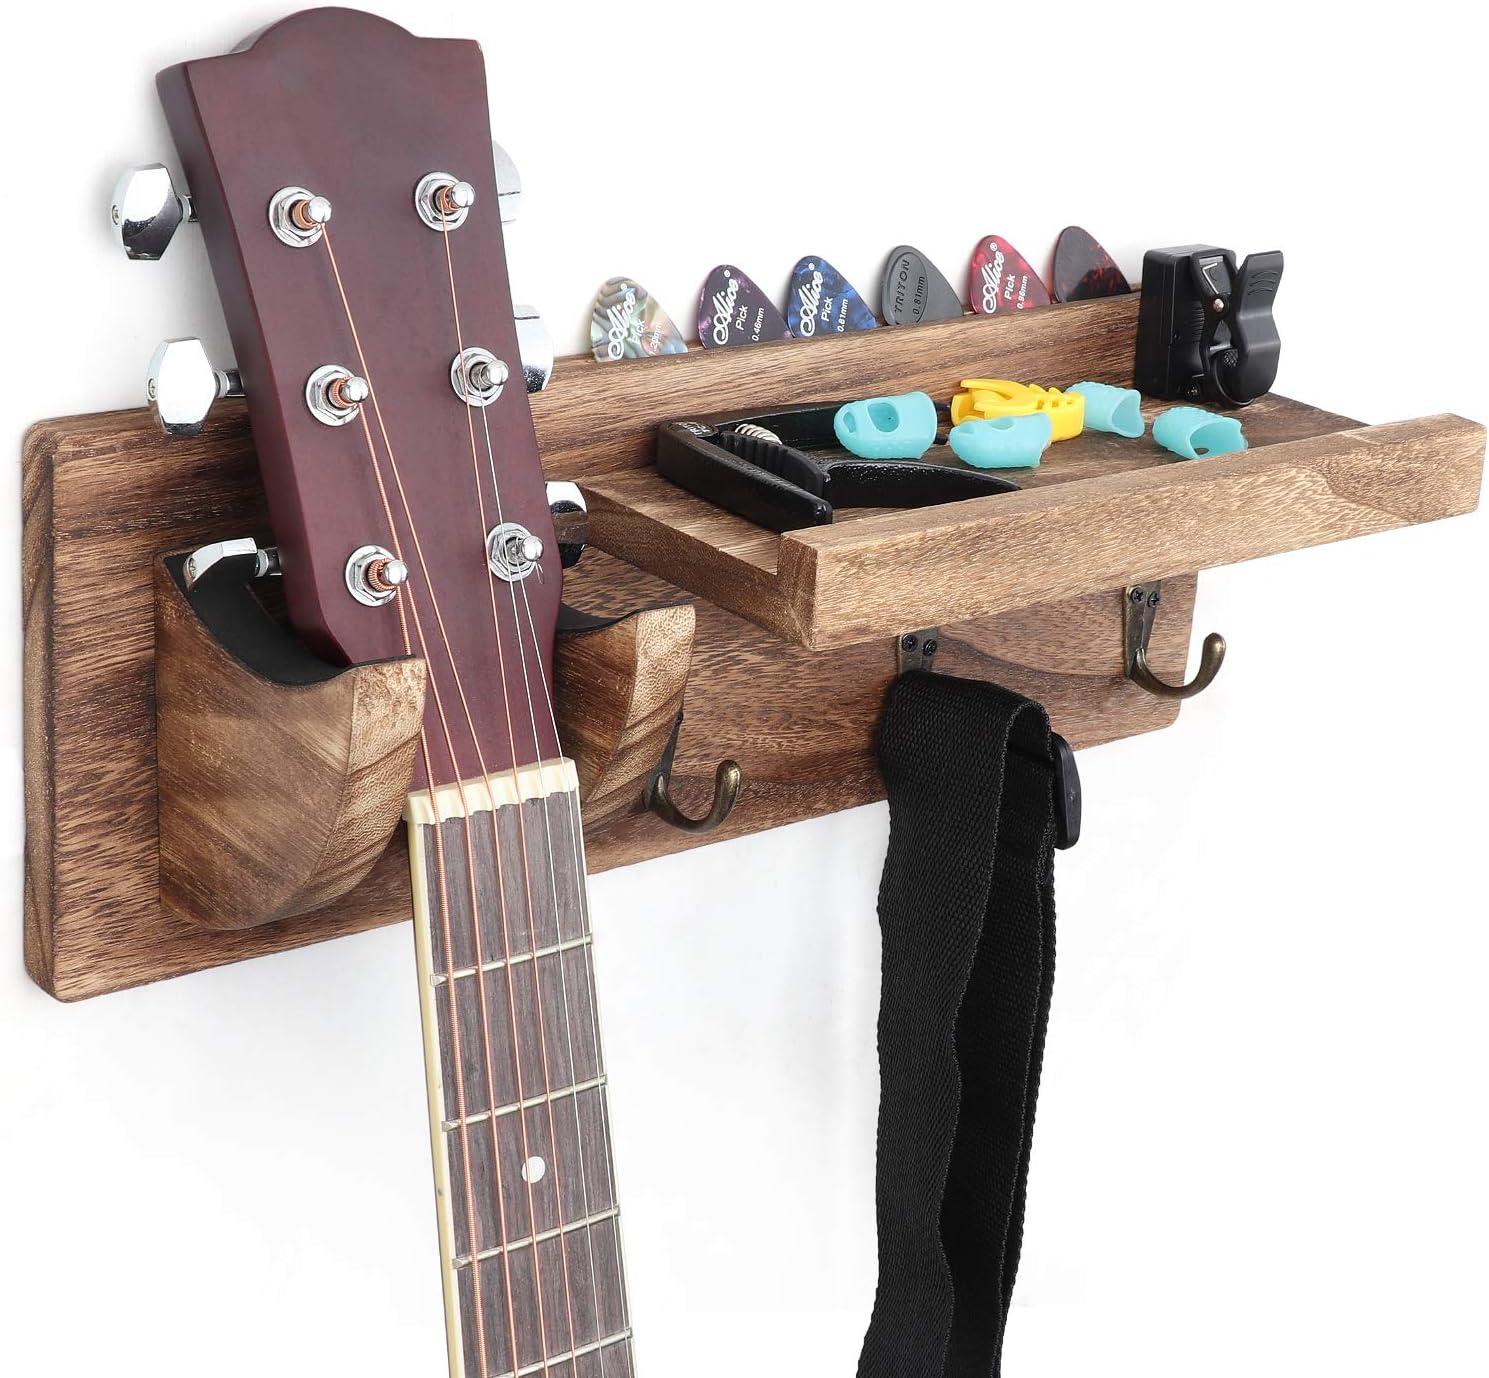 Bikoney Guitar Holder Wall Mount Bracket Guitar Wall Hanger Wood Hanging Rack with Pick Holder and 3 Hook Carbonized Black